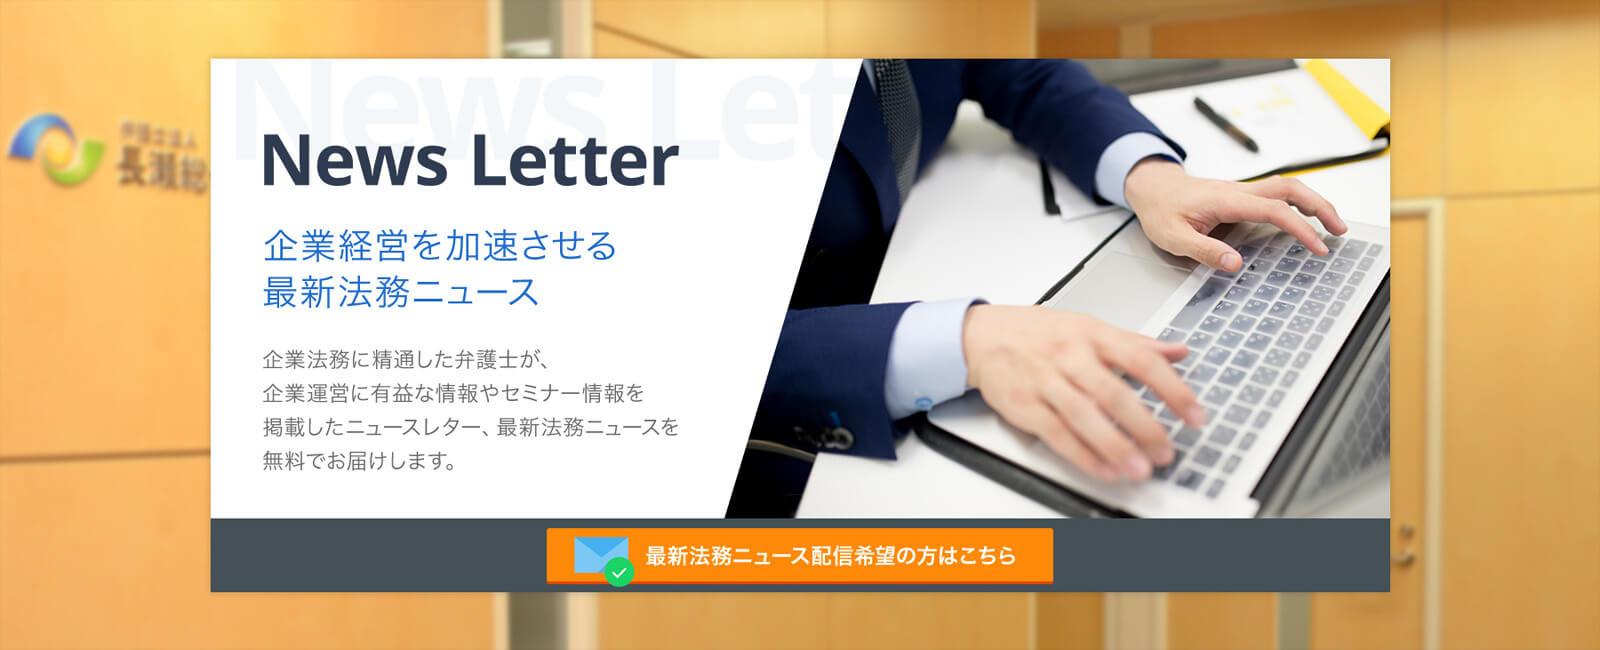 企業経営を加速させる最新法務ニュース